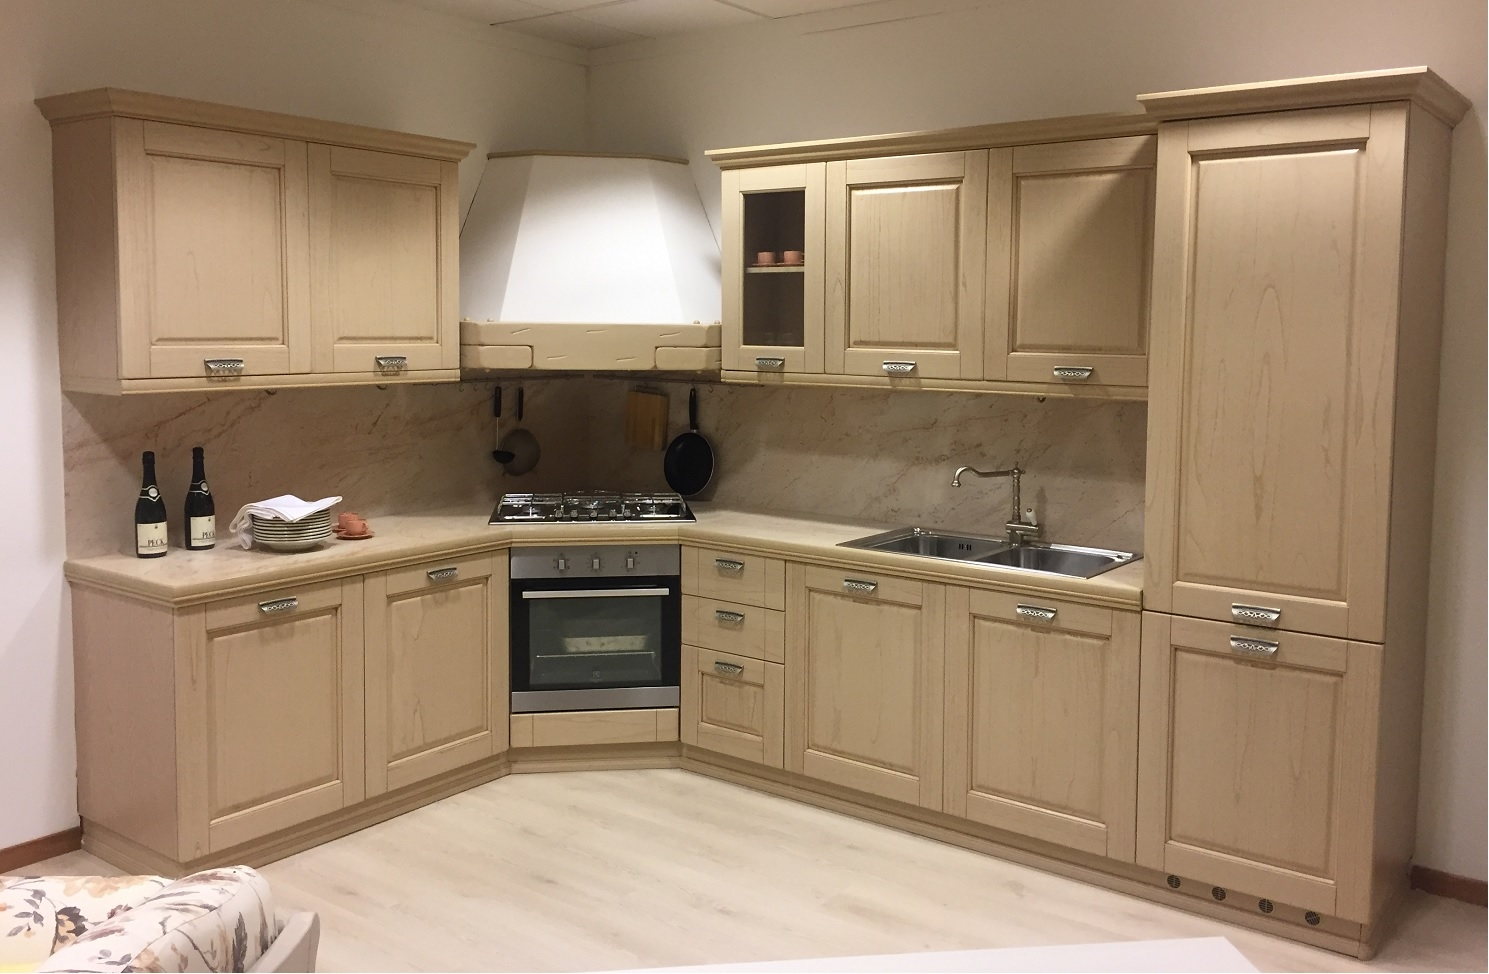 Astra cucine cucina aurora scontato del 40 cucine a - Aurora cucine outlet ...